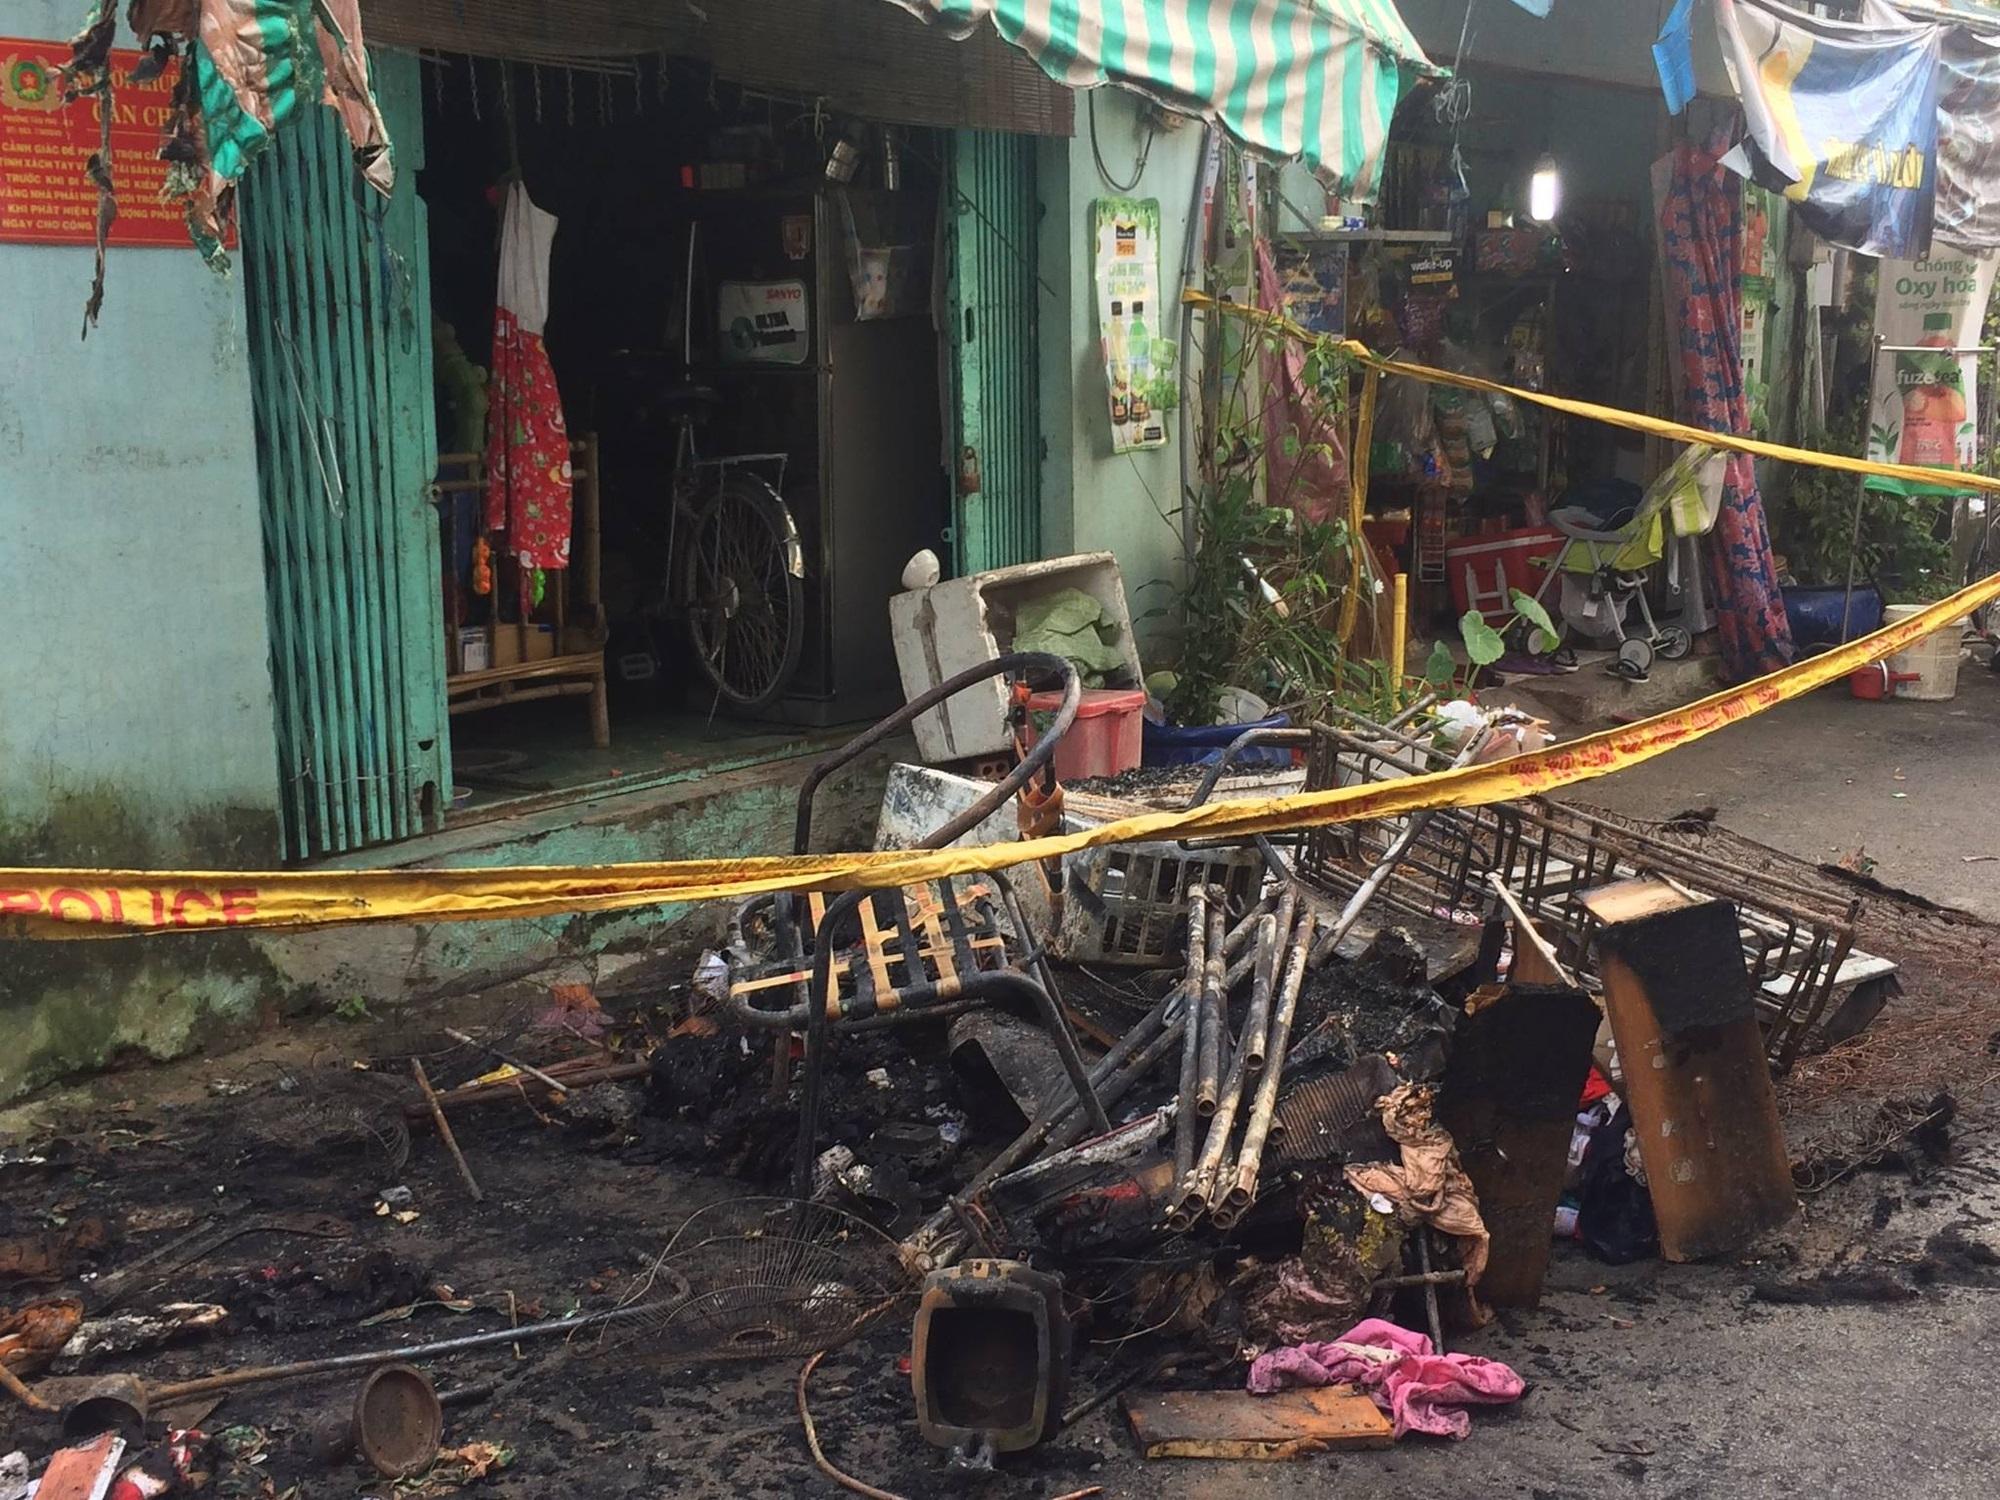 Vụ hỏa hoạn khiến 6 người thương vong tại TP. HCM: Người thân bất lực nhìn 2 bà cháu kêu cứu rồi chết cháy trong nhà - Ảnh 5